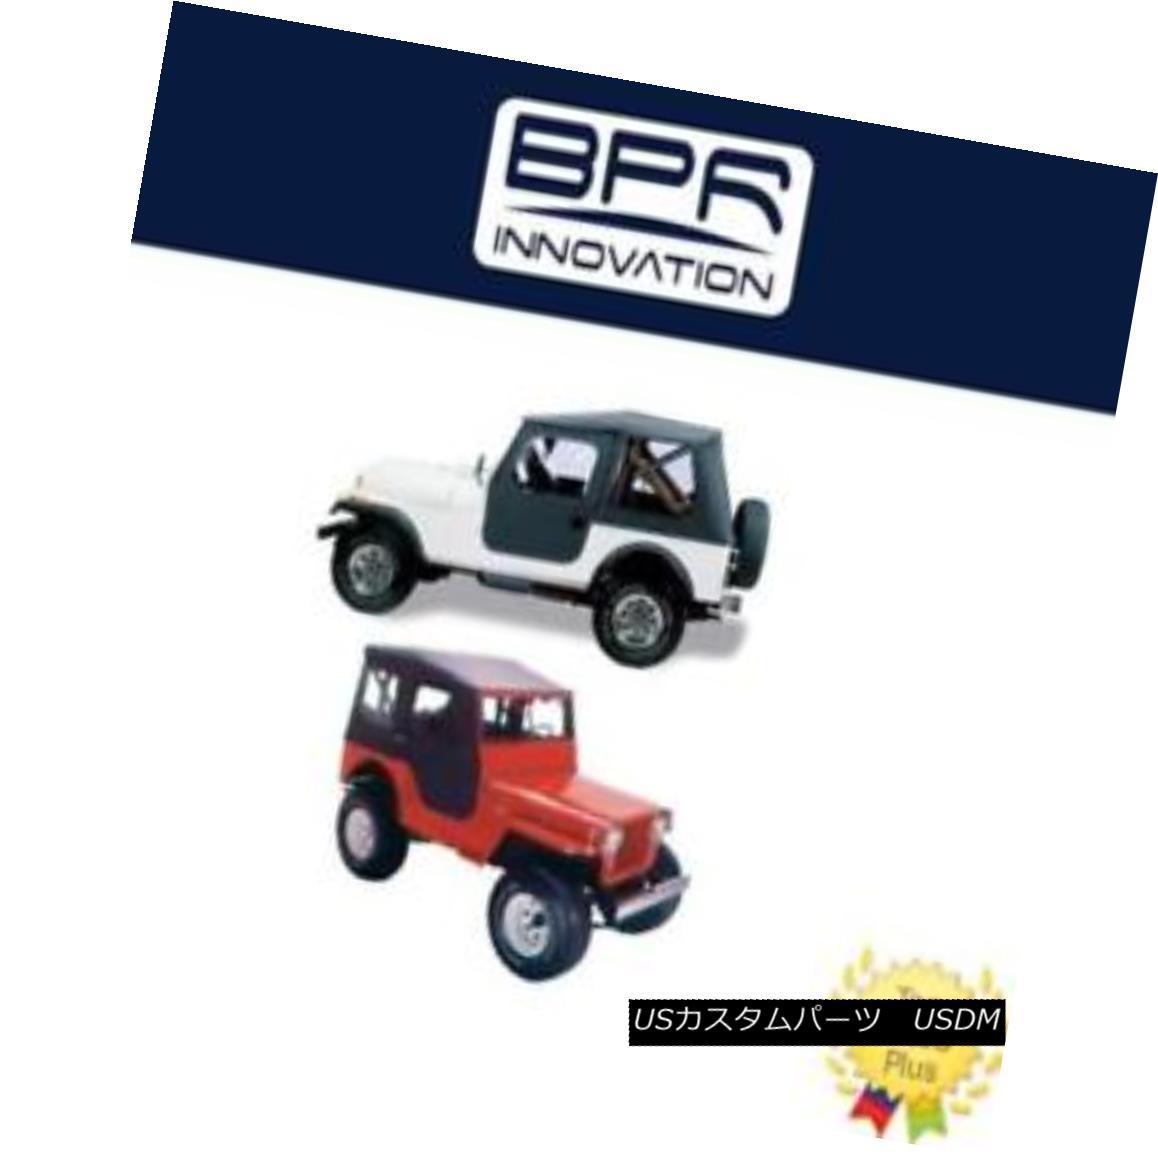 幌・ソフトトップ Bestop For 1953-1975 M38A1/CJ5 models Tigertop Complete Soft Top - 51405-01 Bestop 1953-1975 M38A1 / CJ5モデル用Tigertop Completeソフトトップ - 51405-01